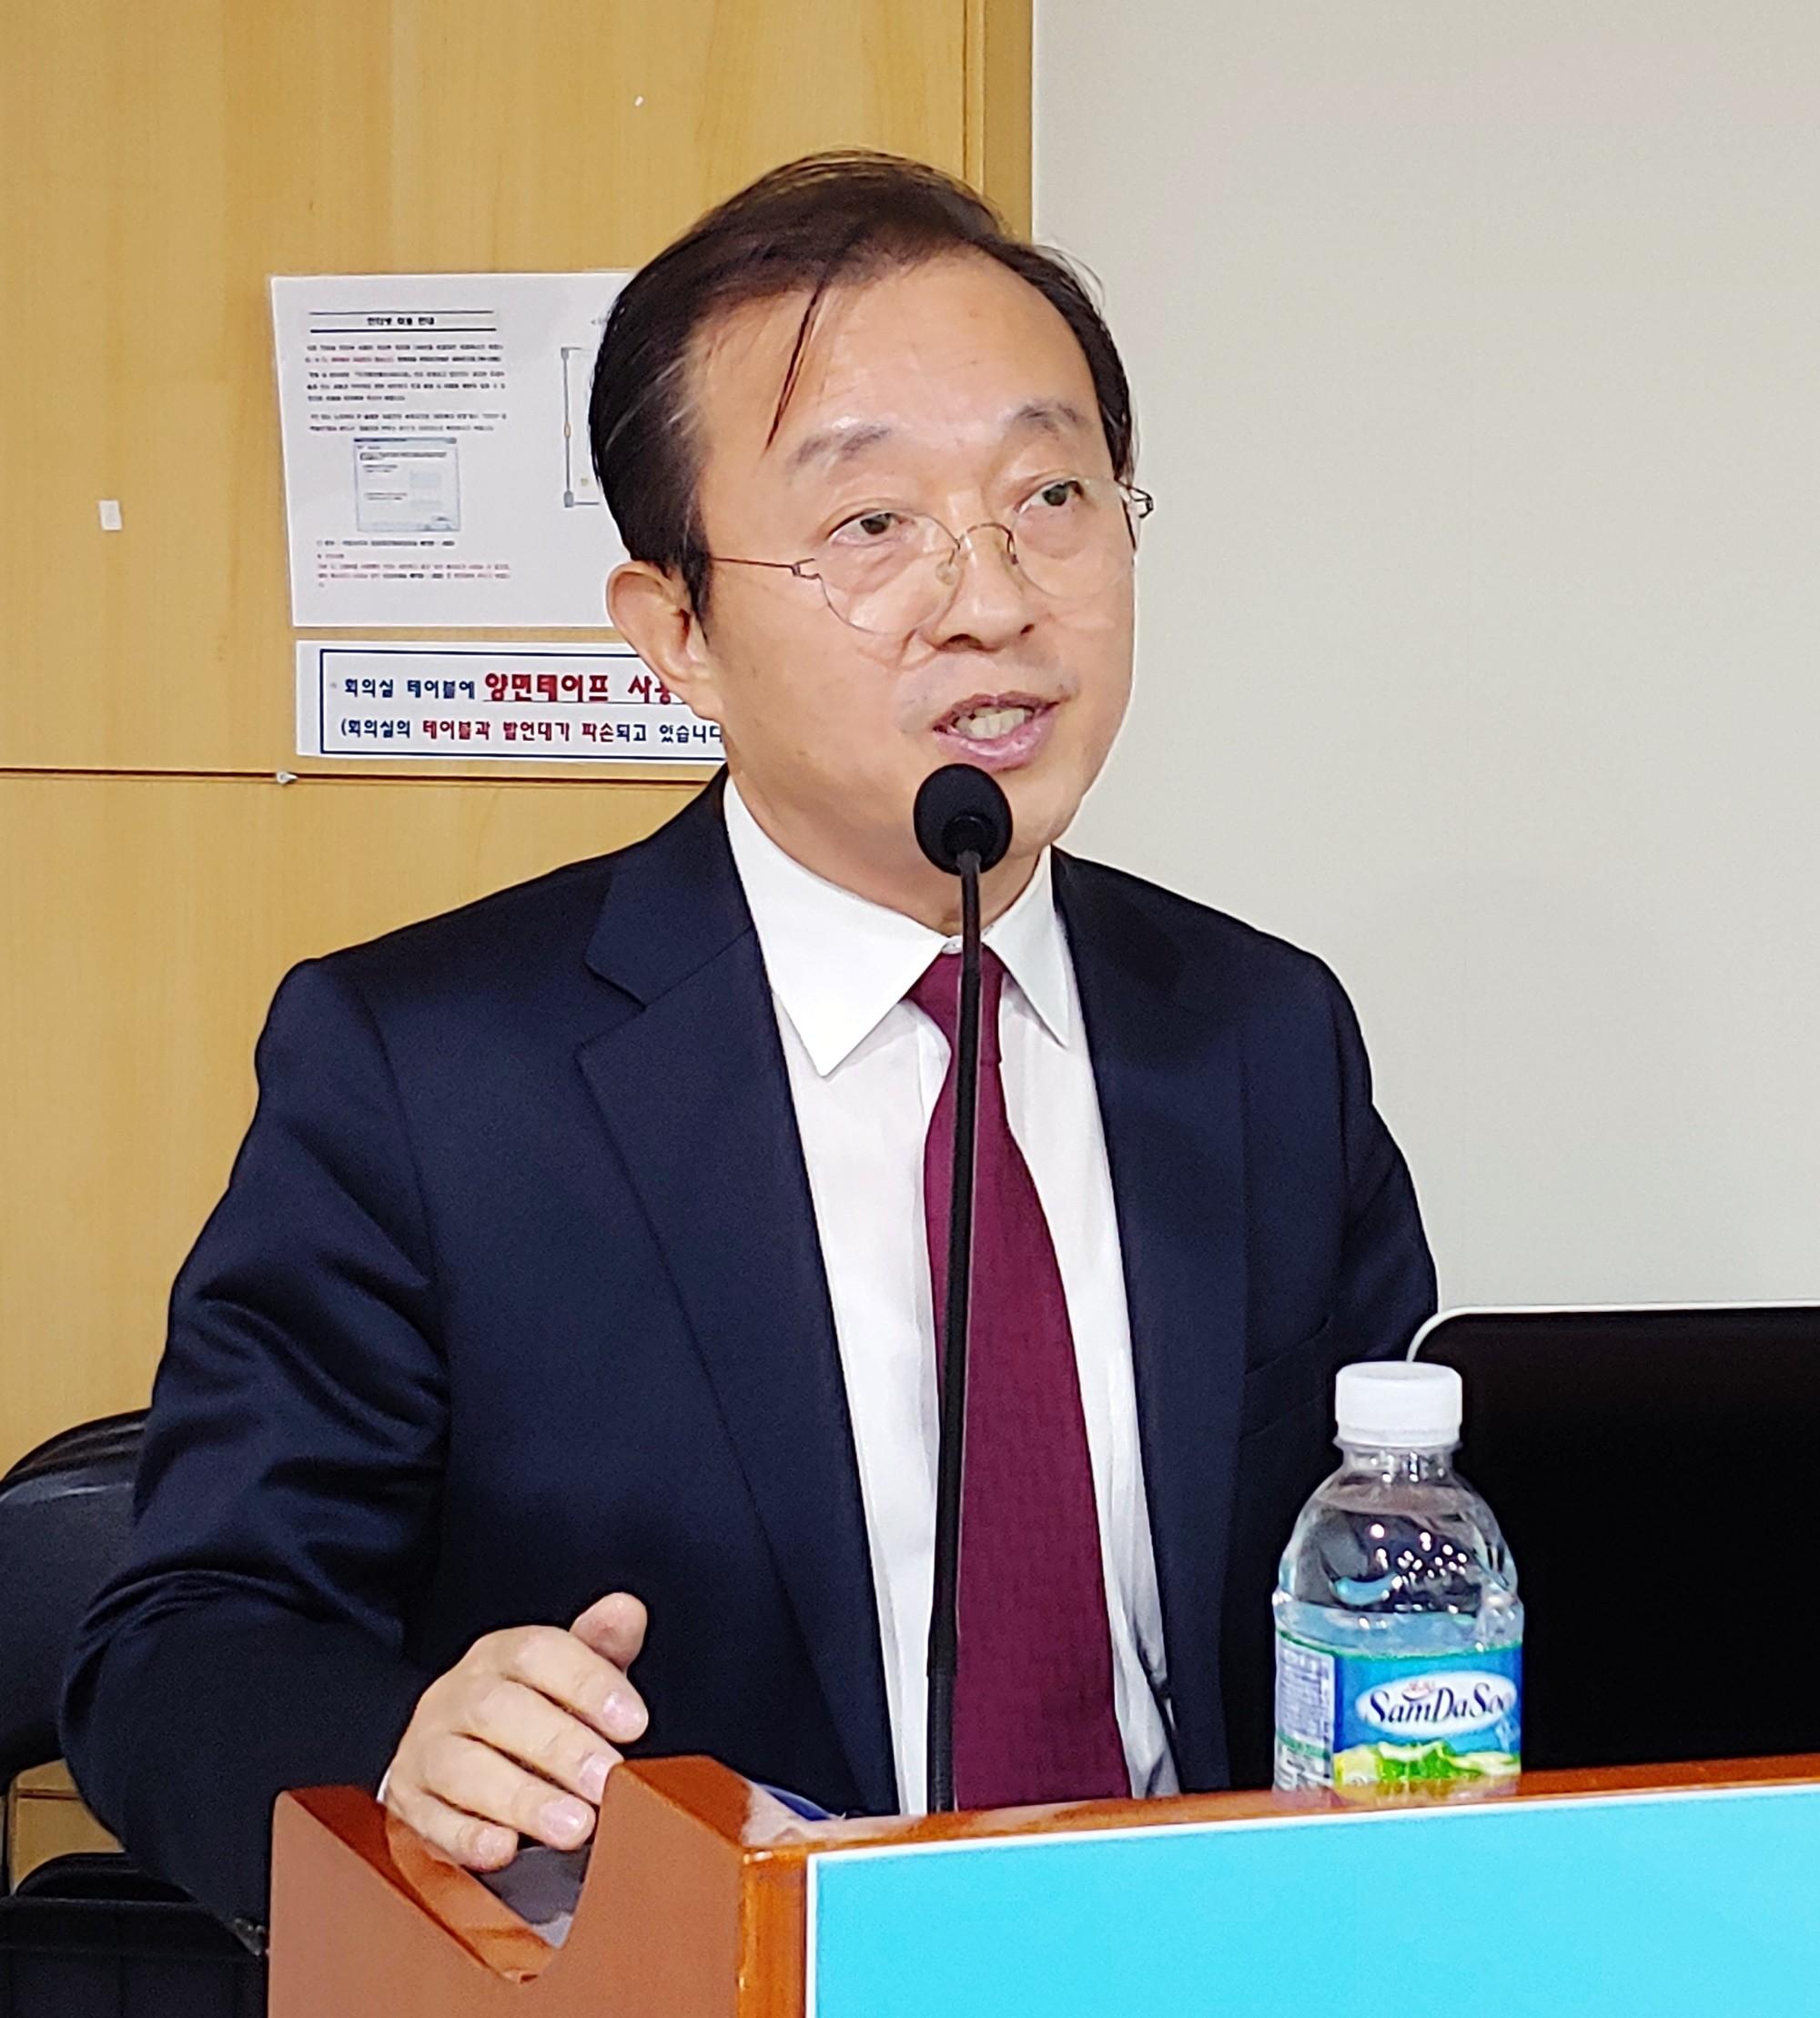 김갑순 동국대 교수